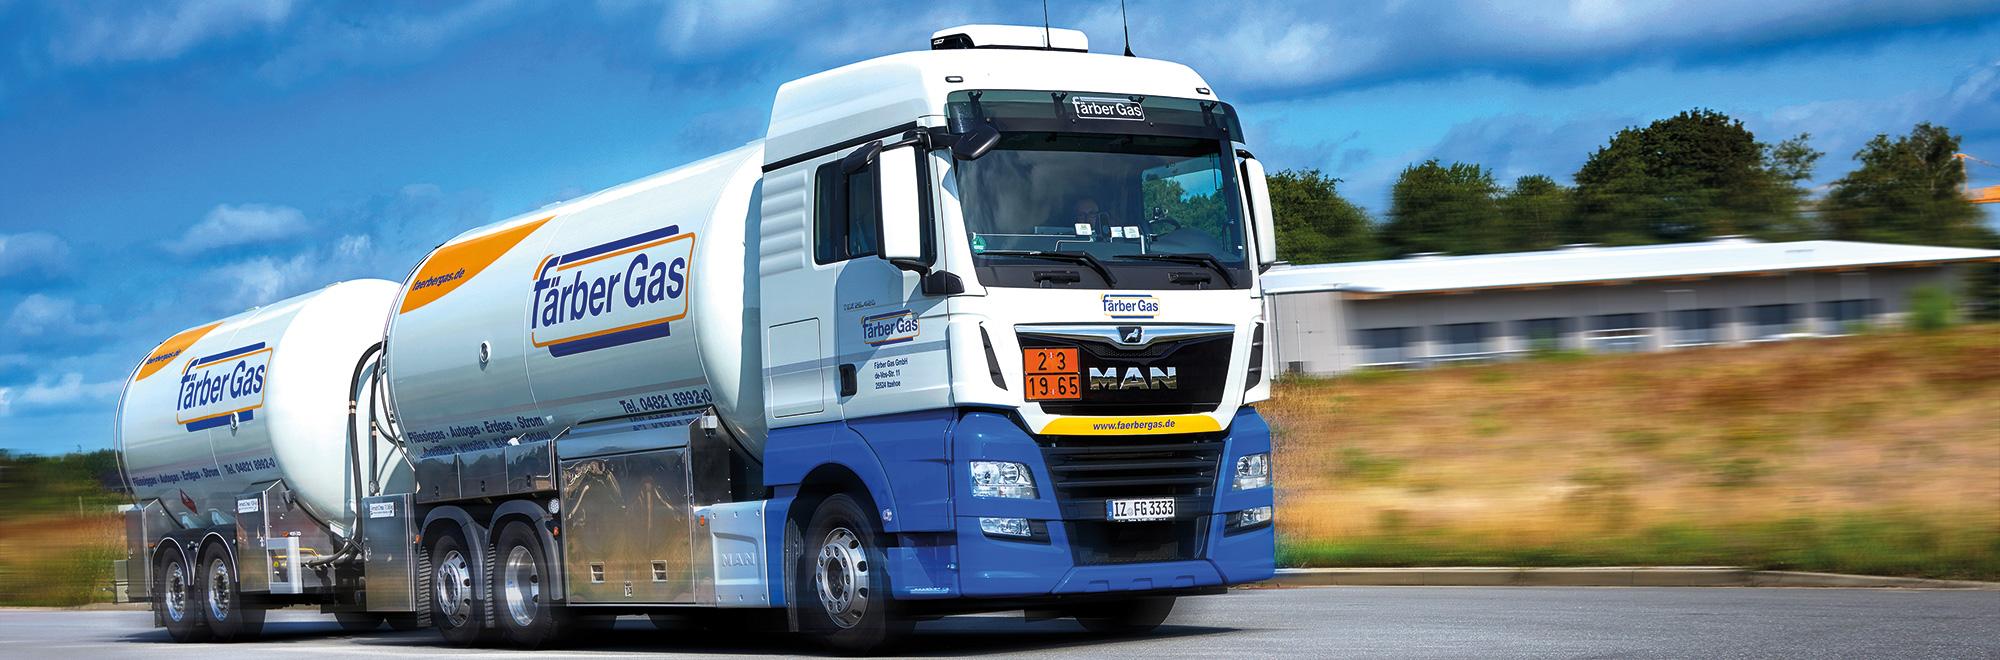 Färber Gas Tankgas